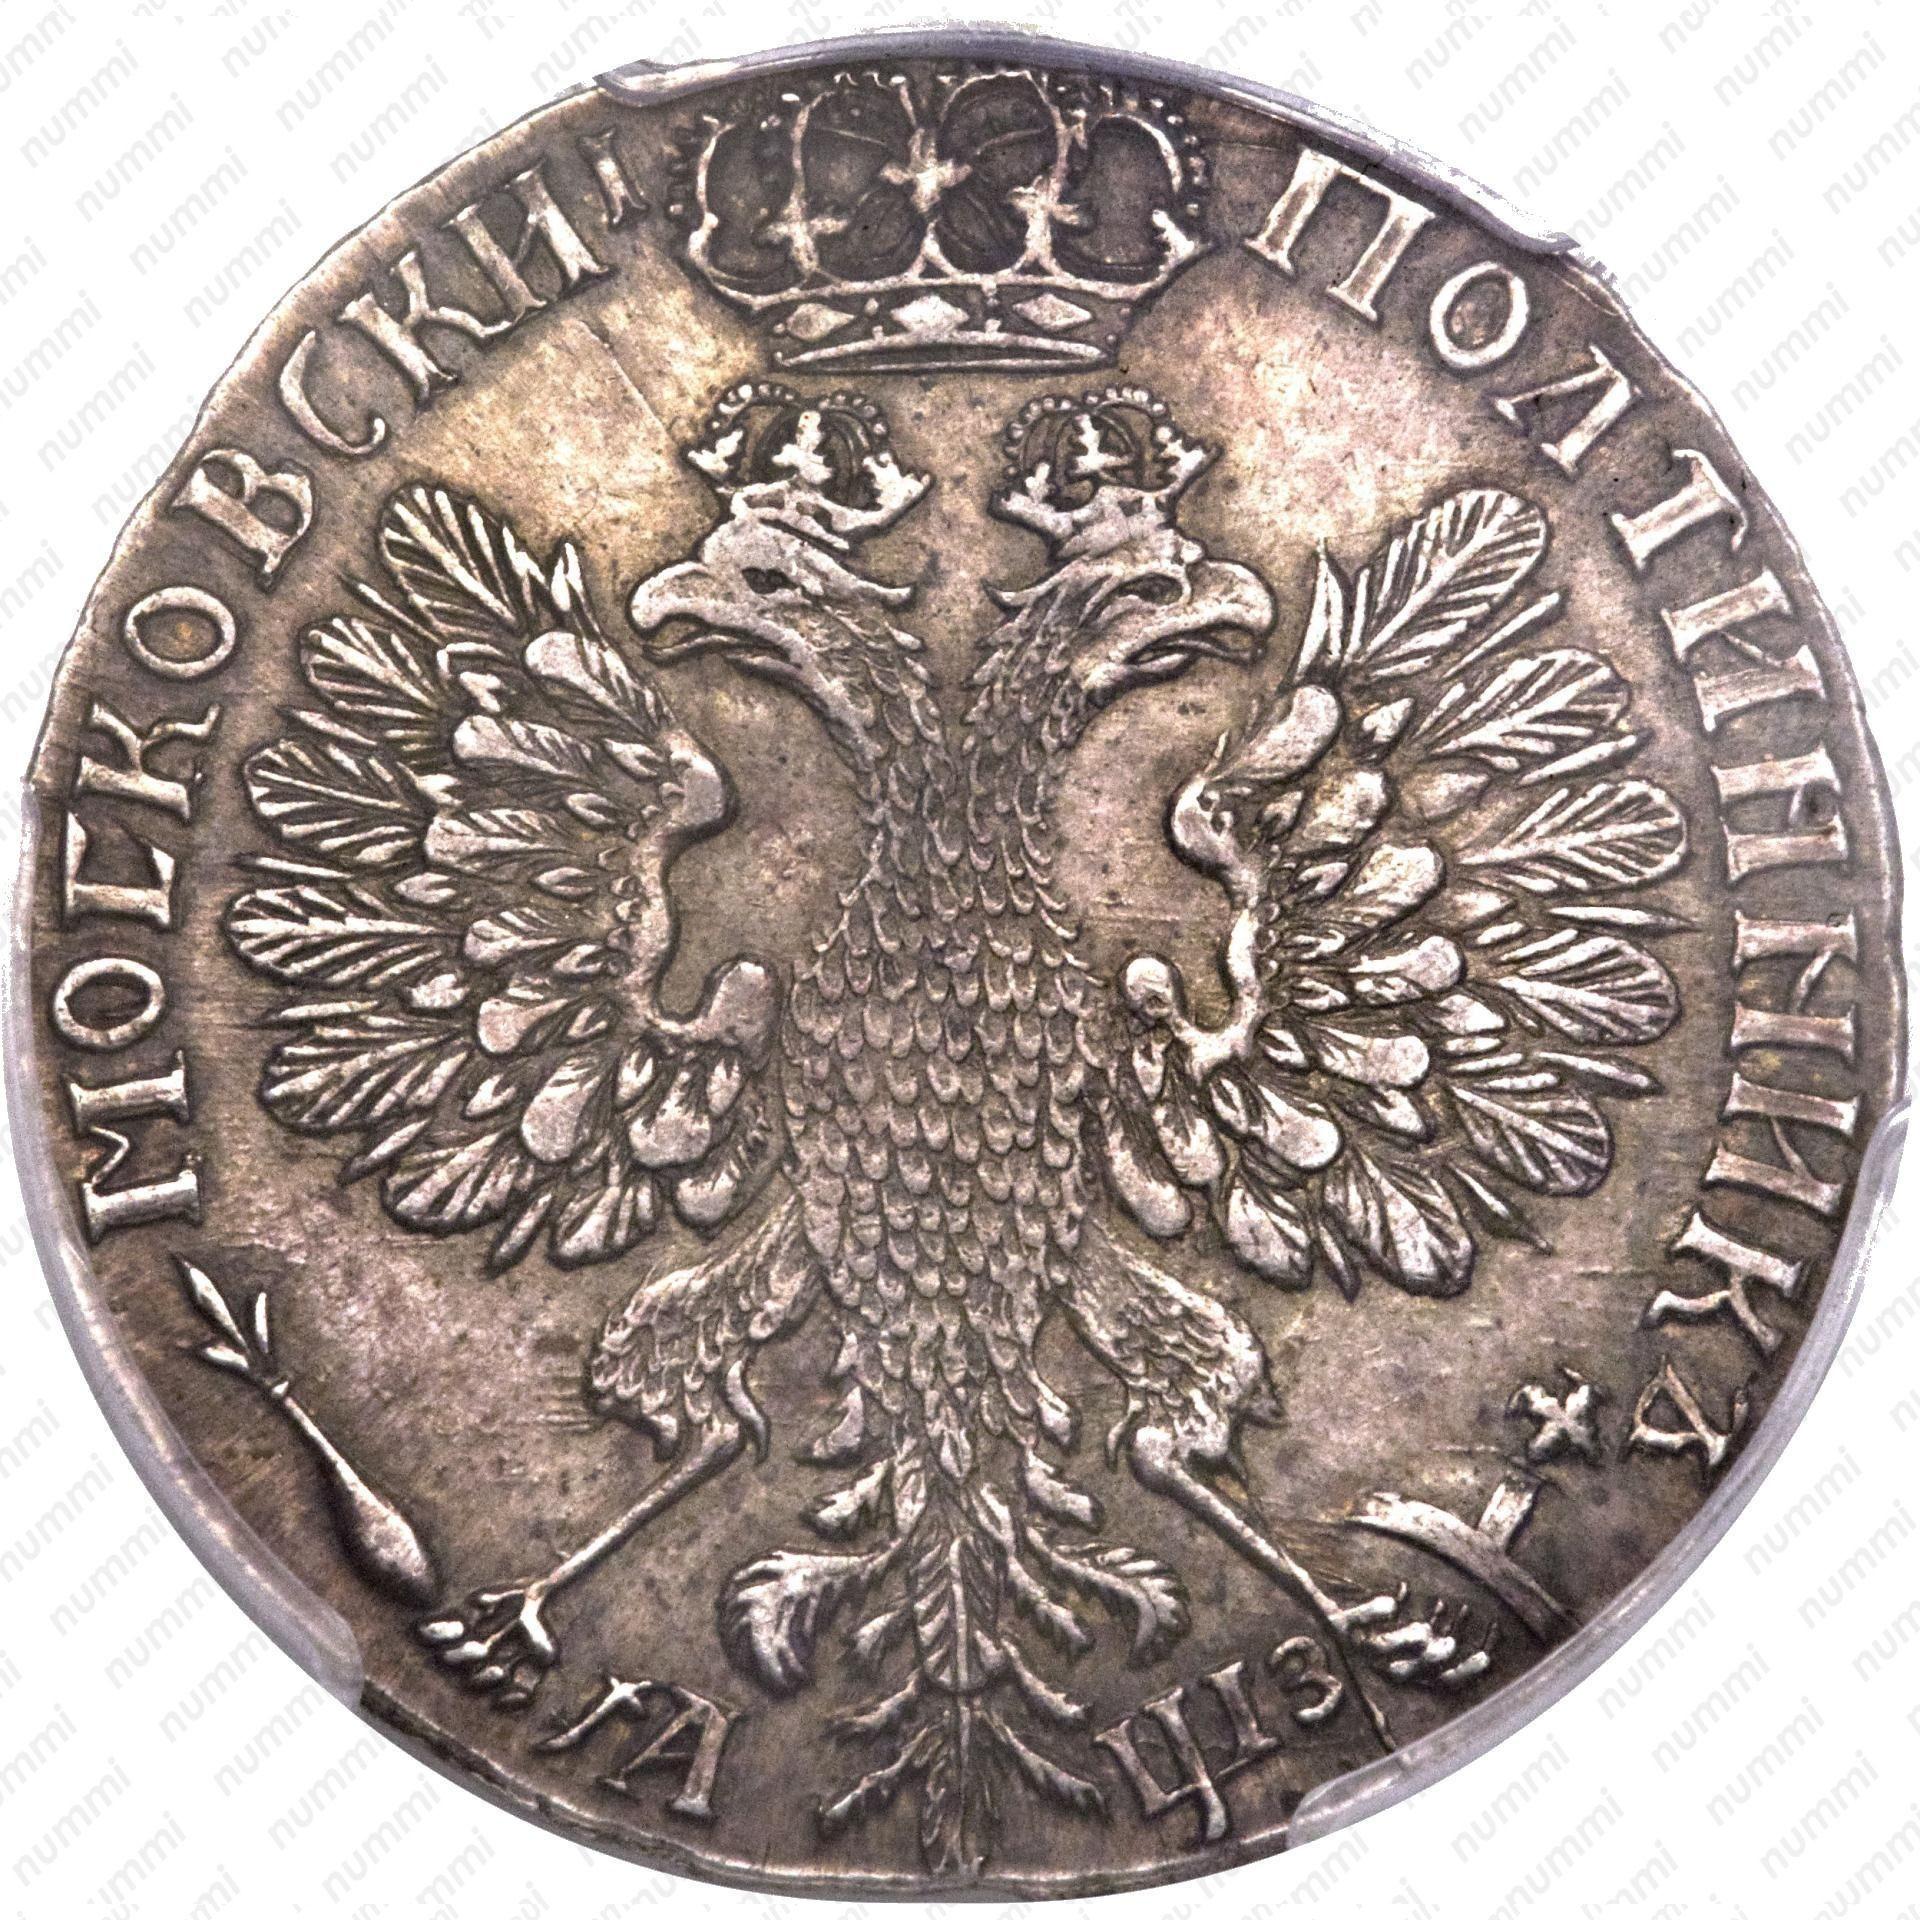 полтина 1707, год славянскими буквами, орёл больше - Реверс ...